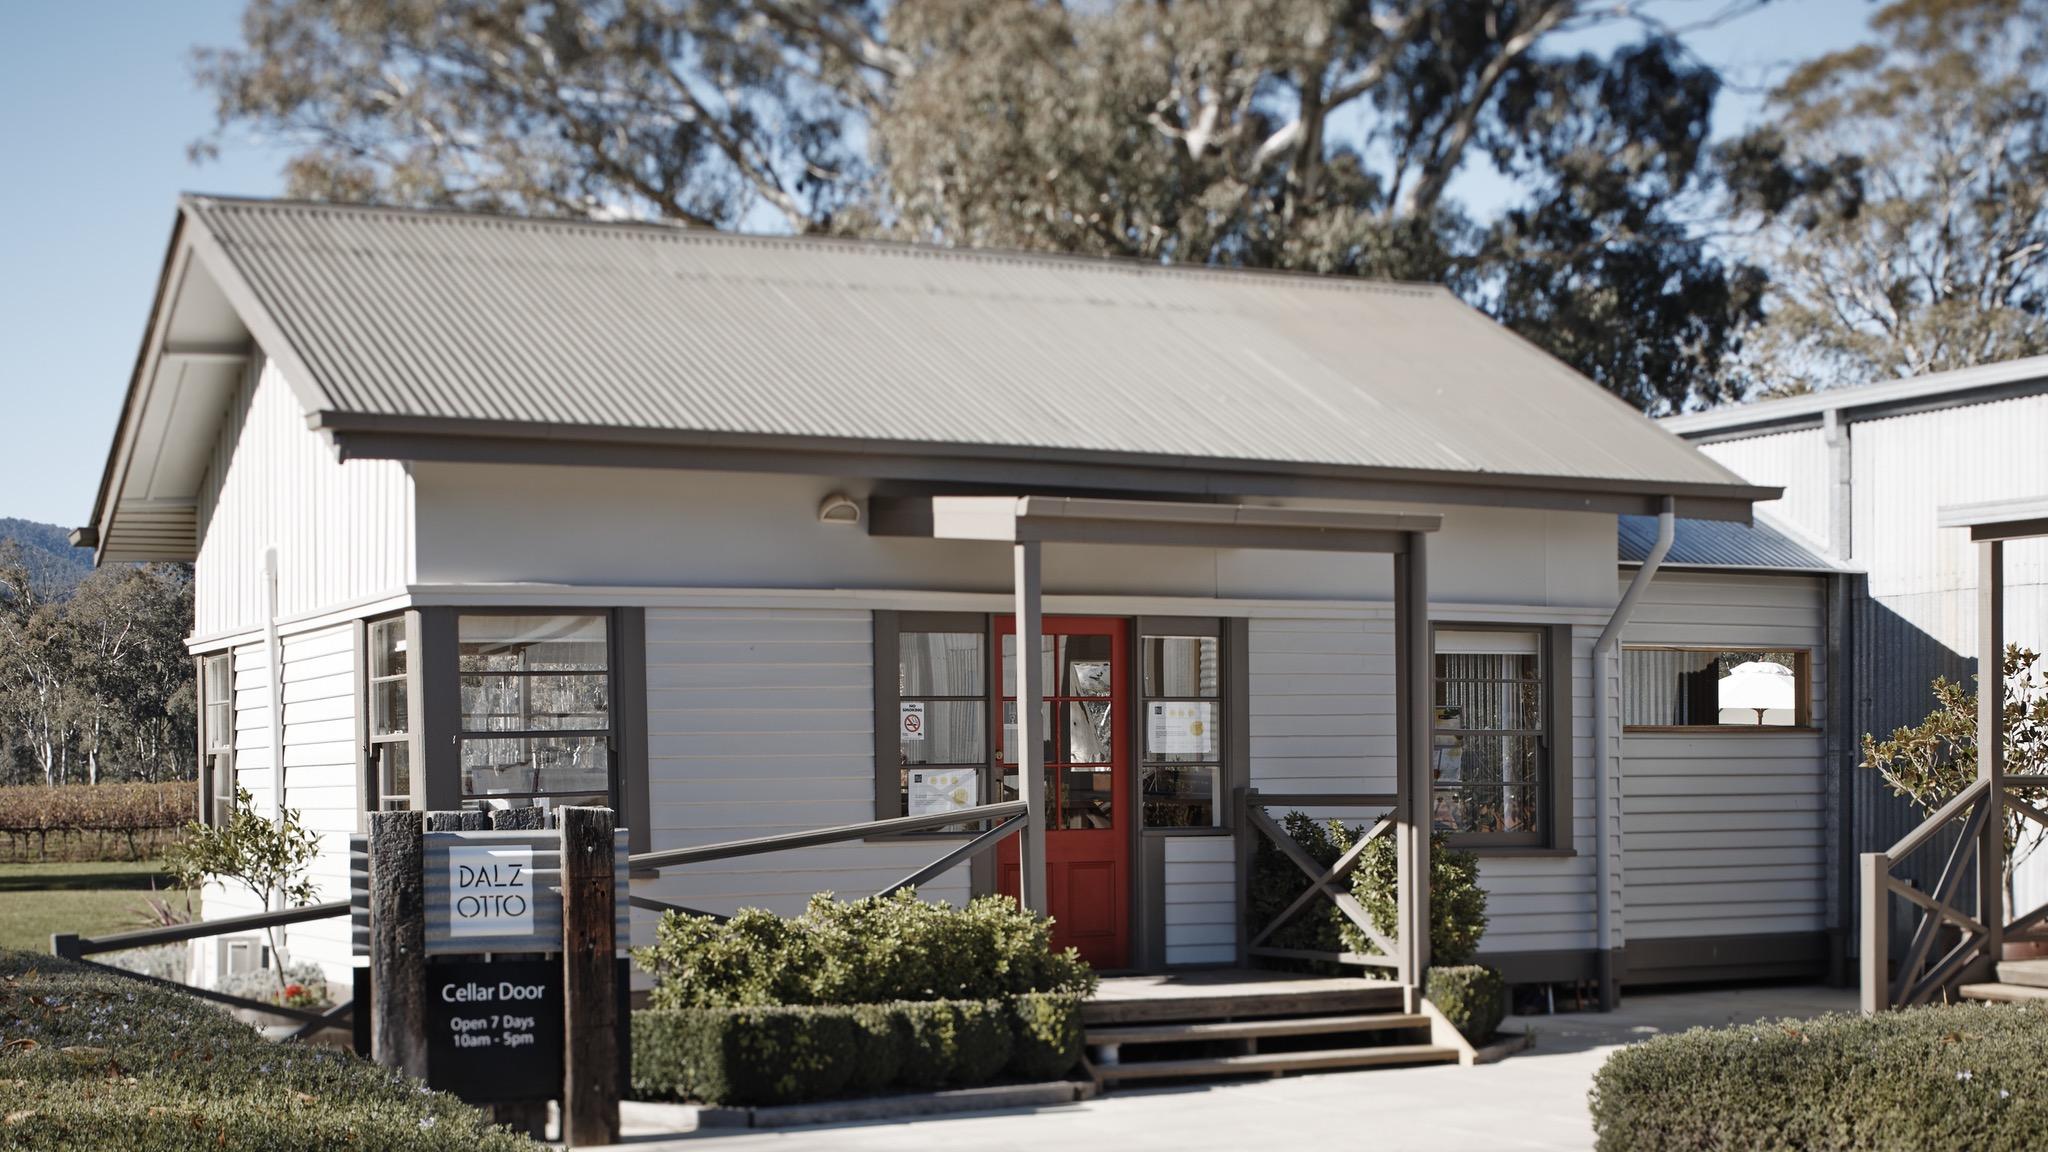 Selected by Gourmet Traveller WINE as one of Australia's best cellar doors!